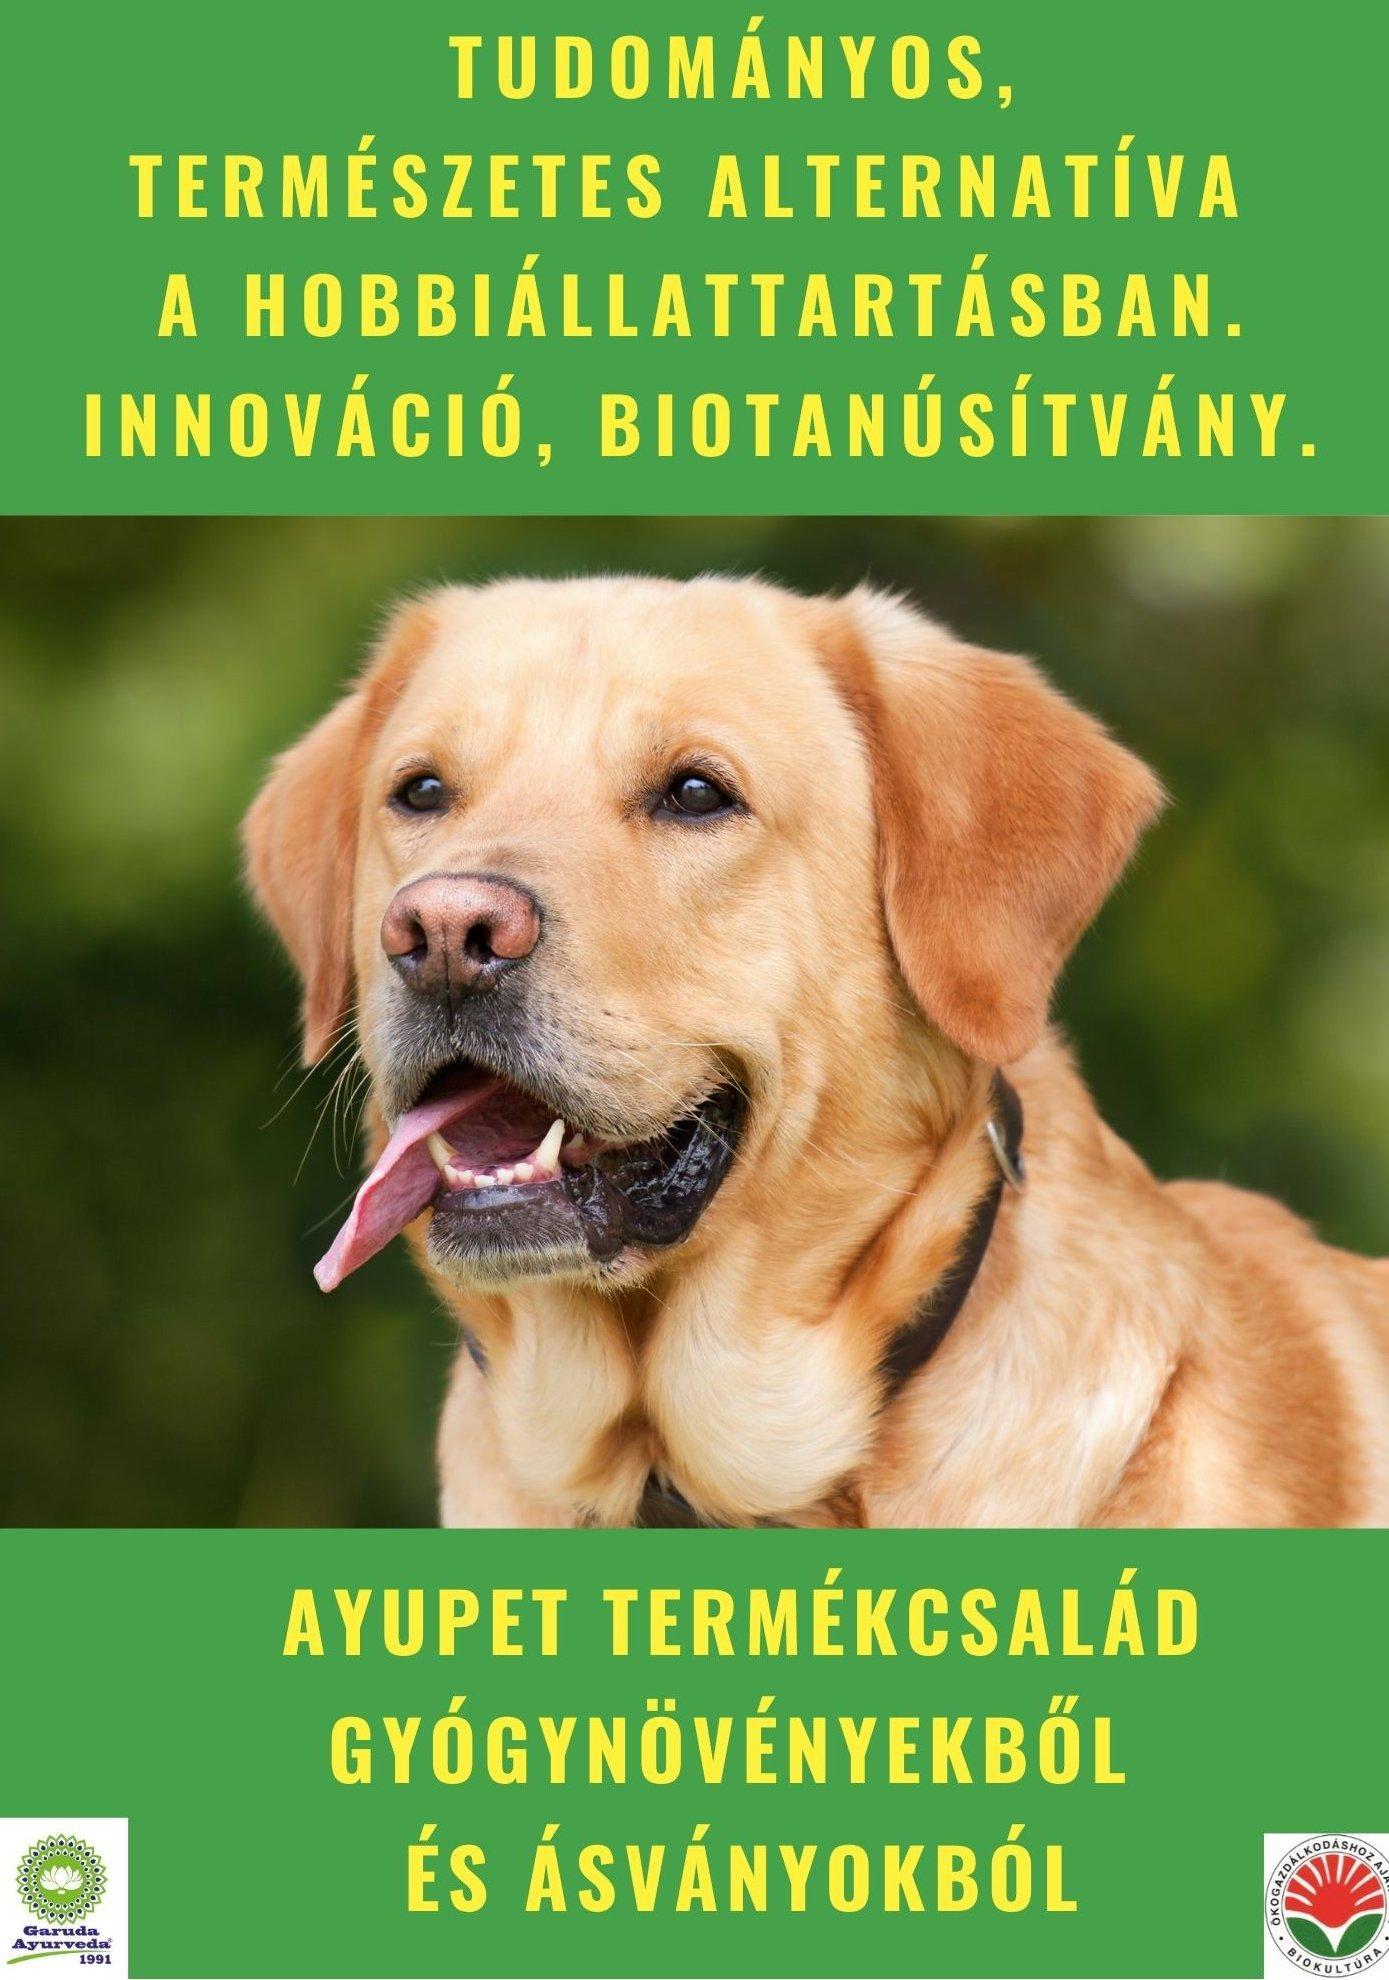 Az Ayupet termékcsalád termékei természetes alapanyagokból készülnek